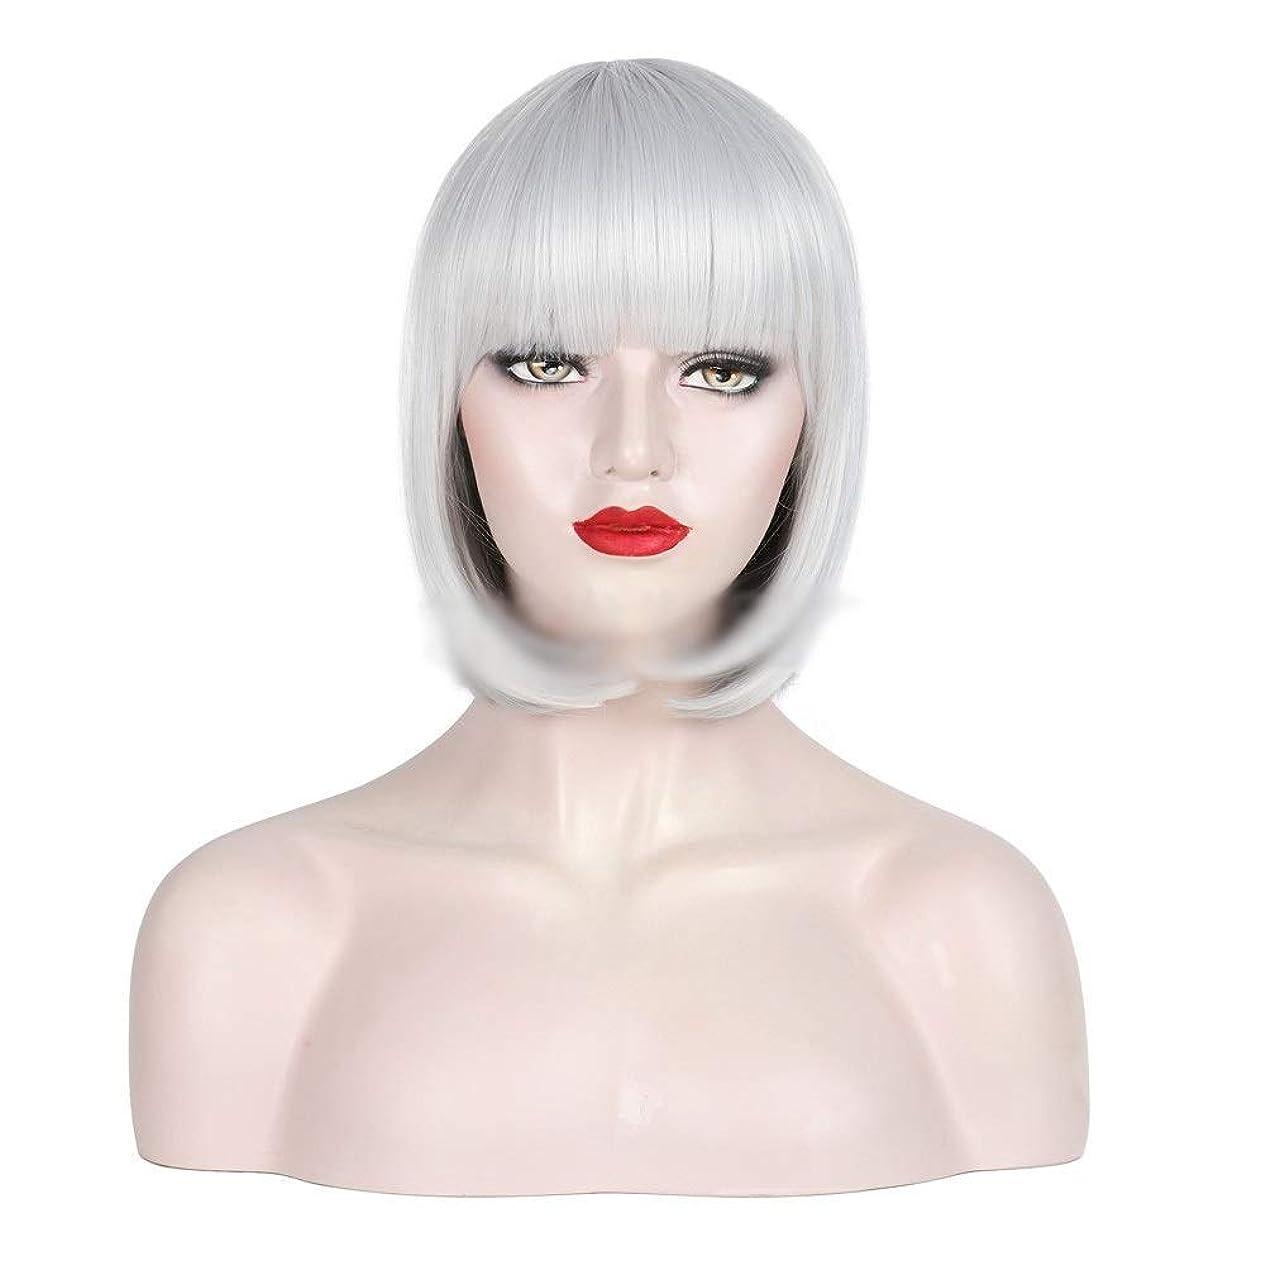 確執なのでそれからIsikawan 女性用デイリードレス合成ボブウィッグショートヘアグレー前髪付きストレートストレートストレート (色 : Grandma ash)